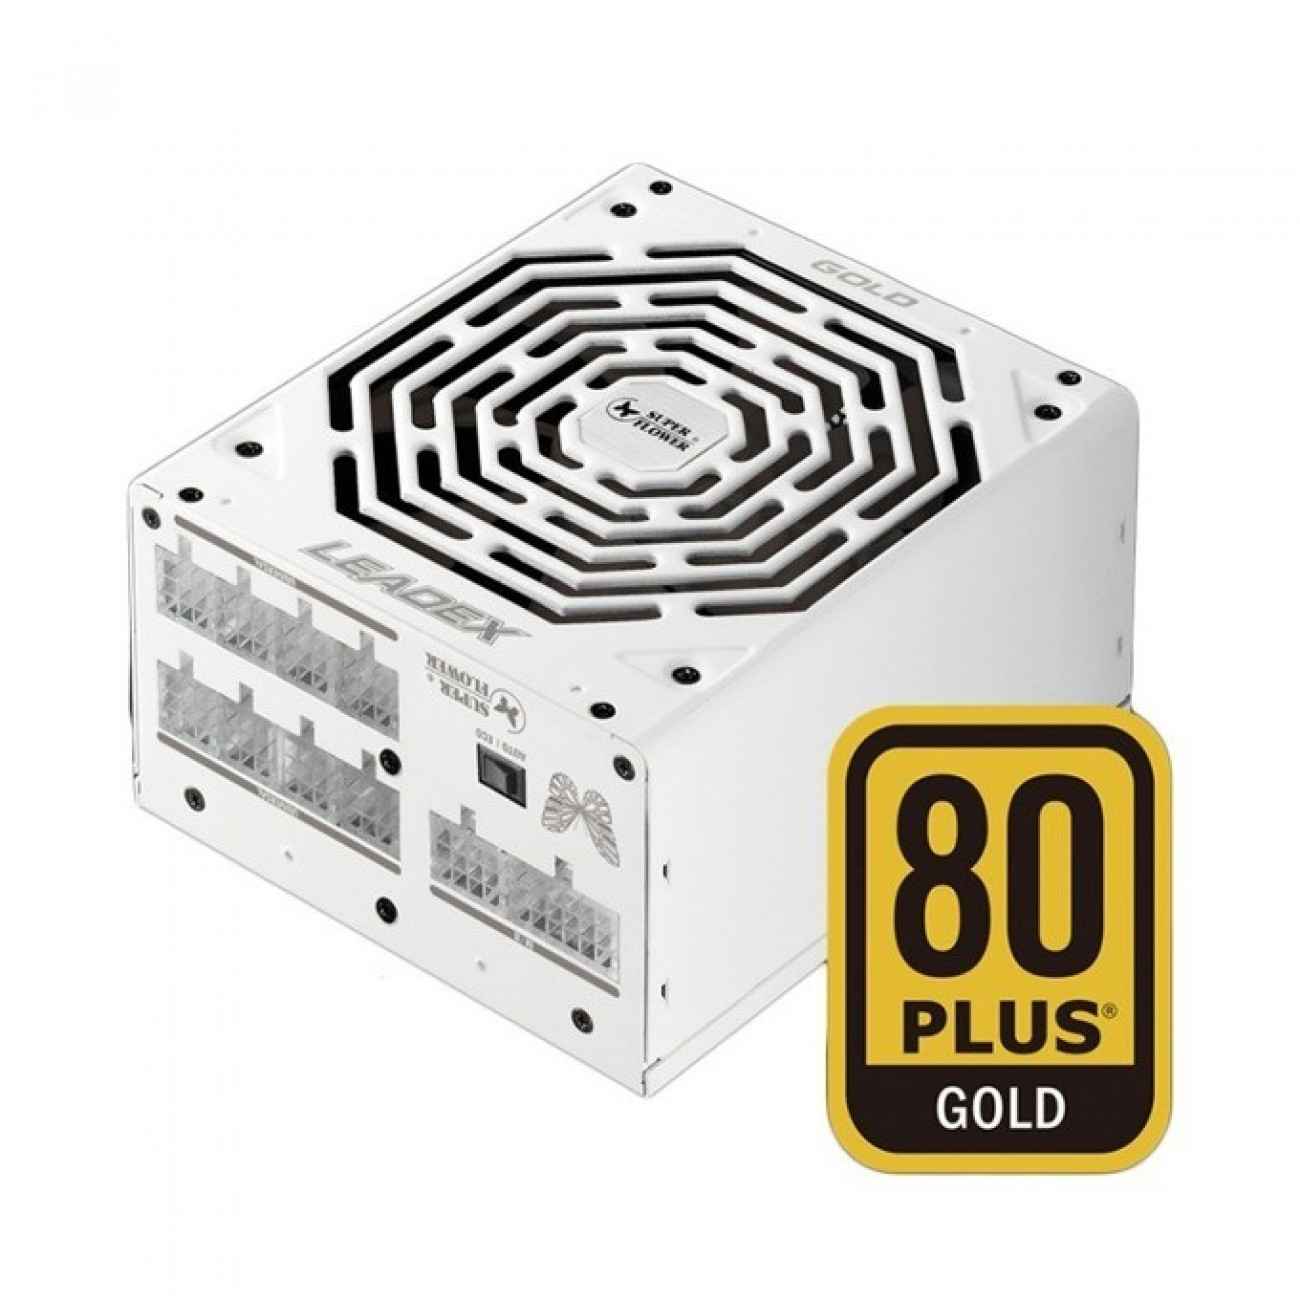 Захранване Super Flower Leadex Gold, 850W, Active PFC, 80+ Gold, изцяло модулно, 140 mm вентилатор в Захранвания Настолни компютри - Super Flower | Alleop